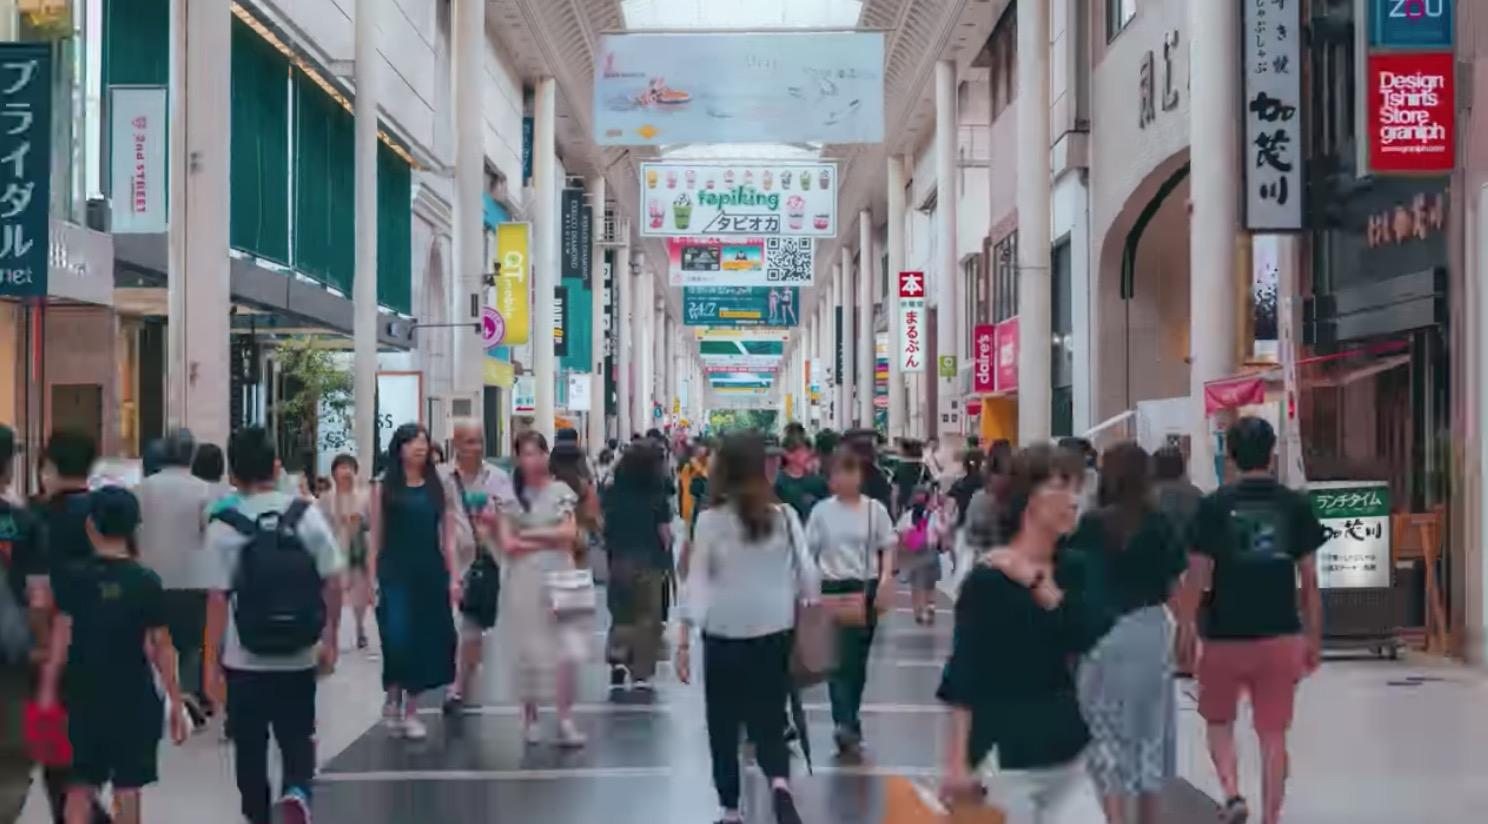 上通に行ってきたよ。熊本の文教発祥の地で歴史と文化の街に行かなんたい!!